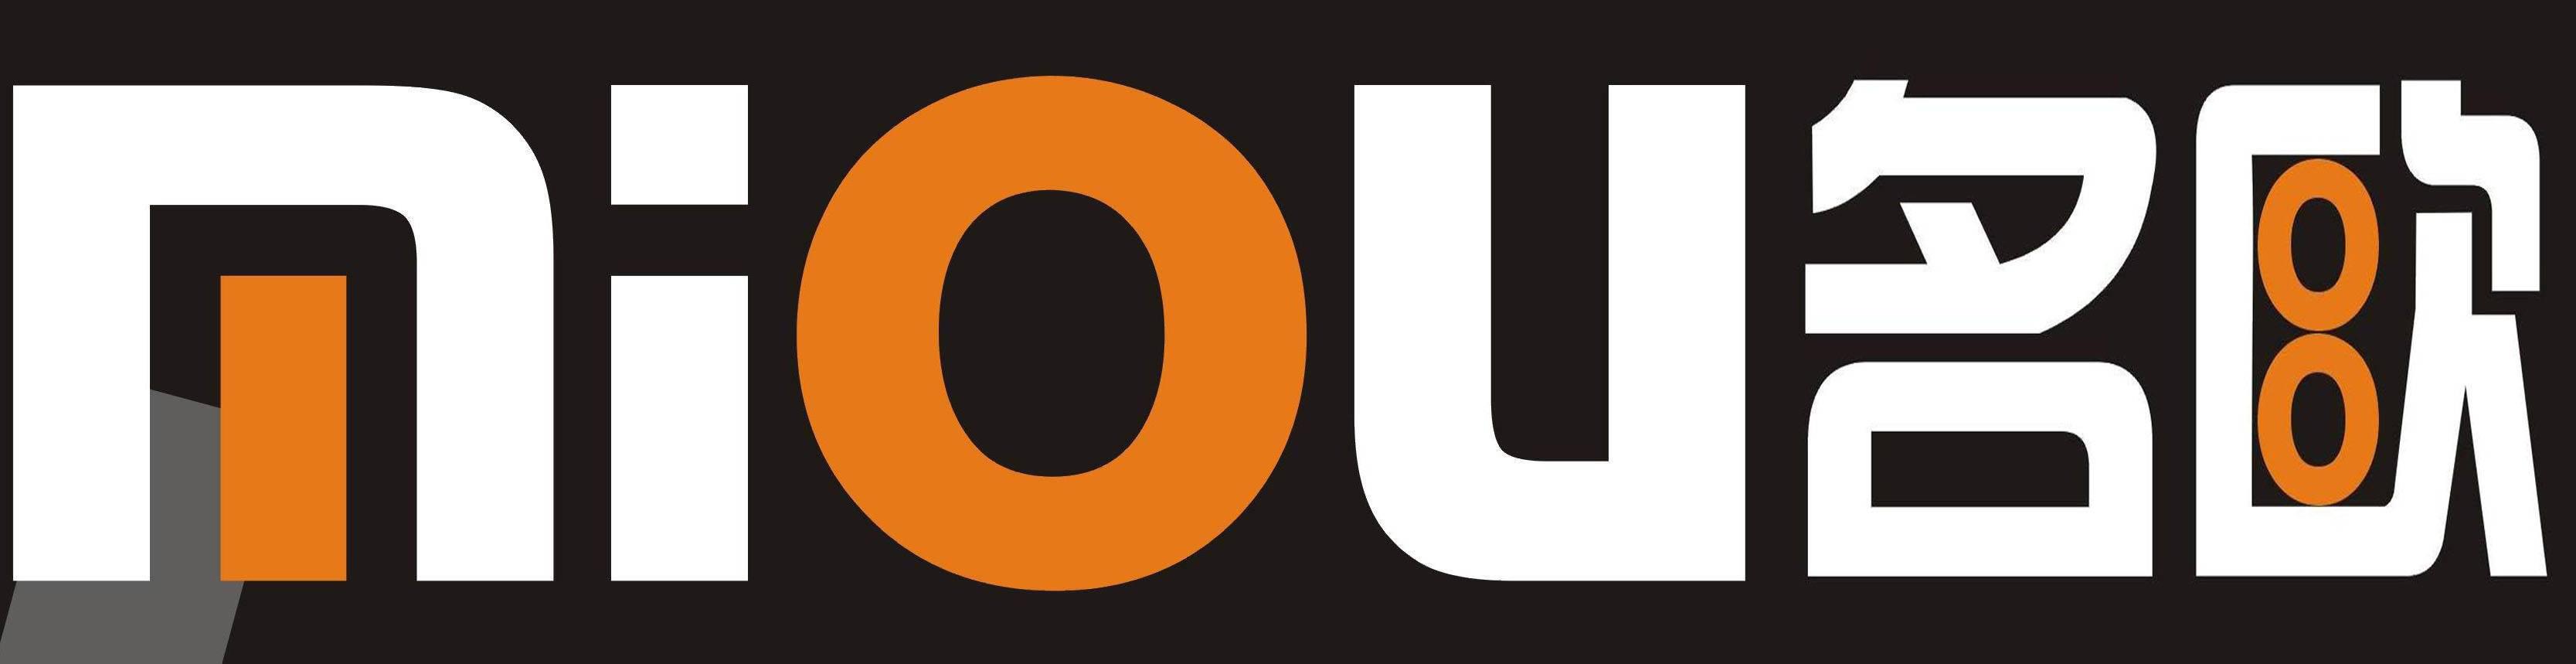 logo 标识 标志 设计 矢量 矢量图 素材 图标 3334_859